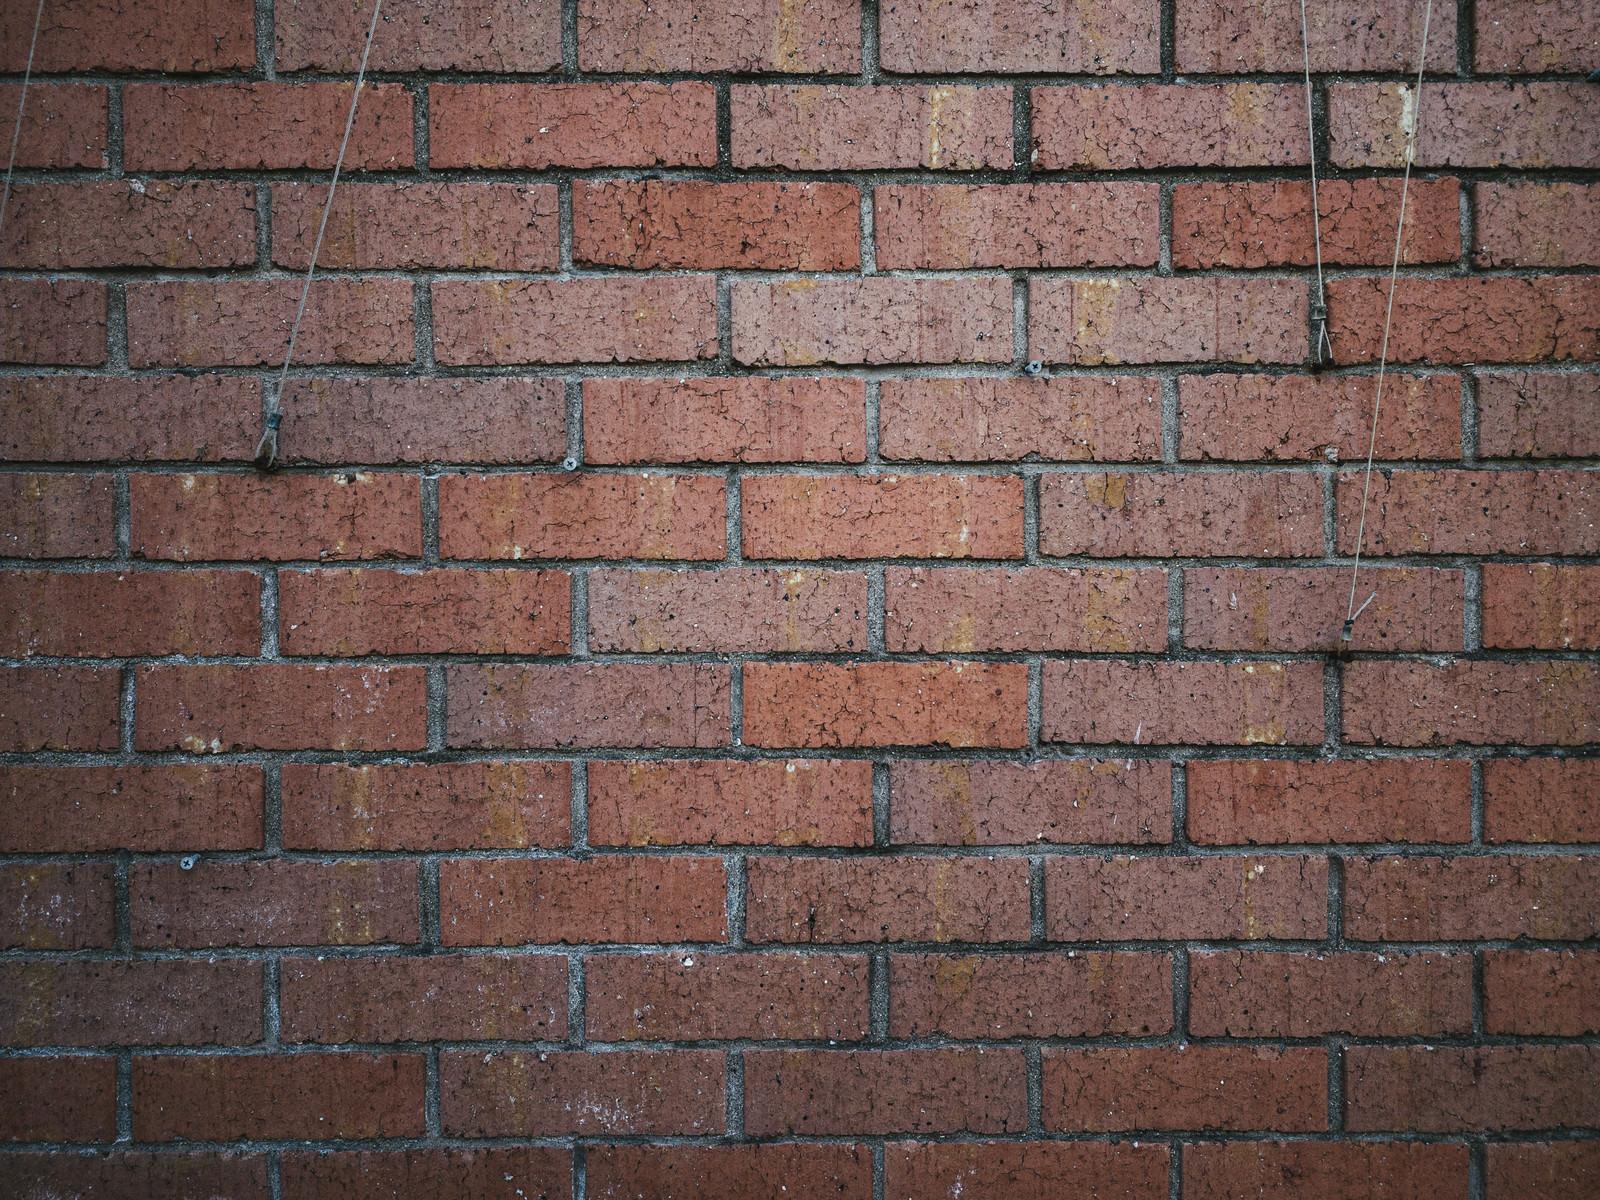 「赤茶色のレンガの壁(テクスチャ)」の写真